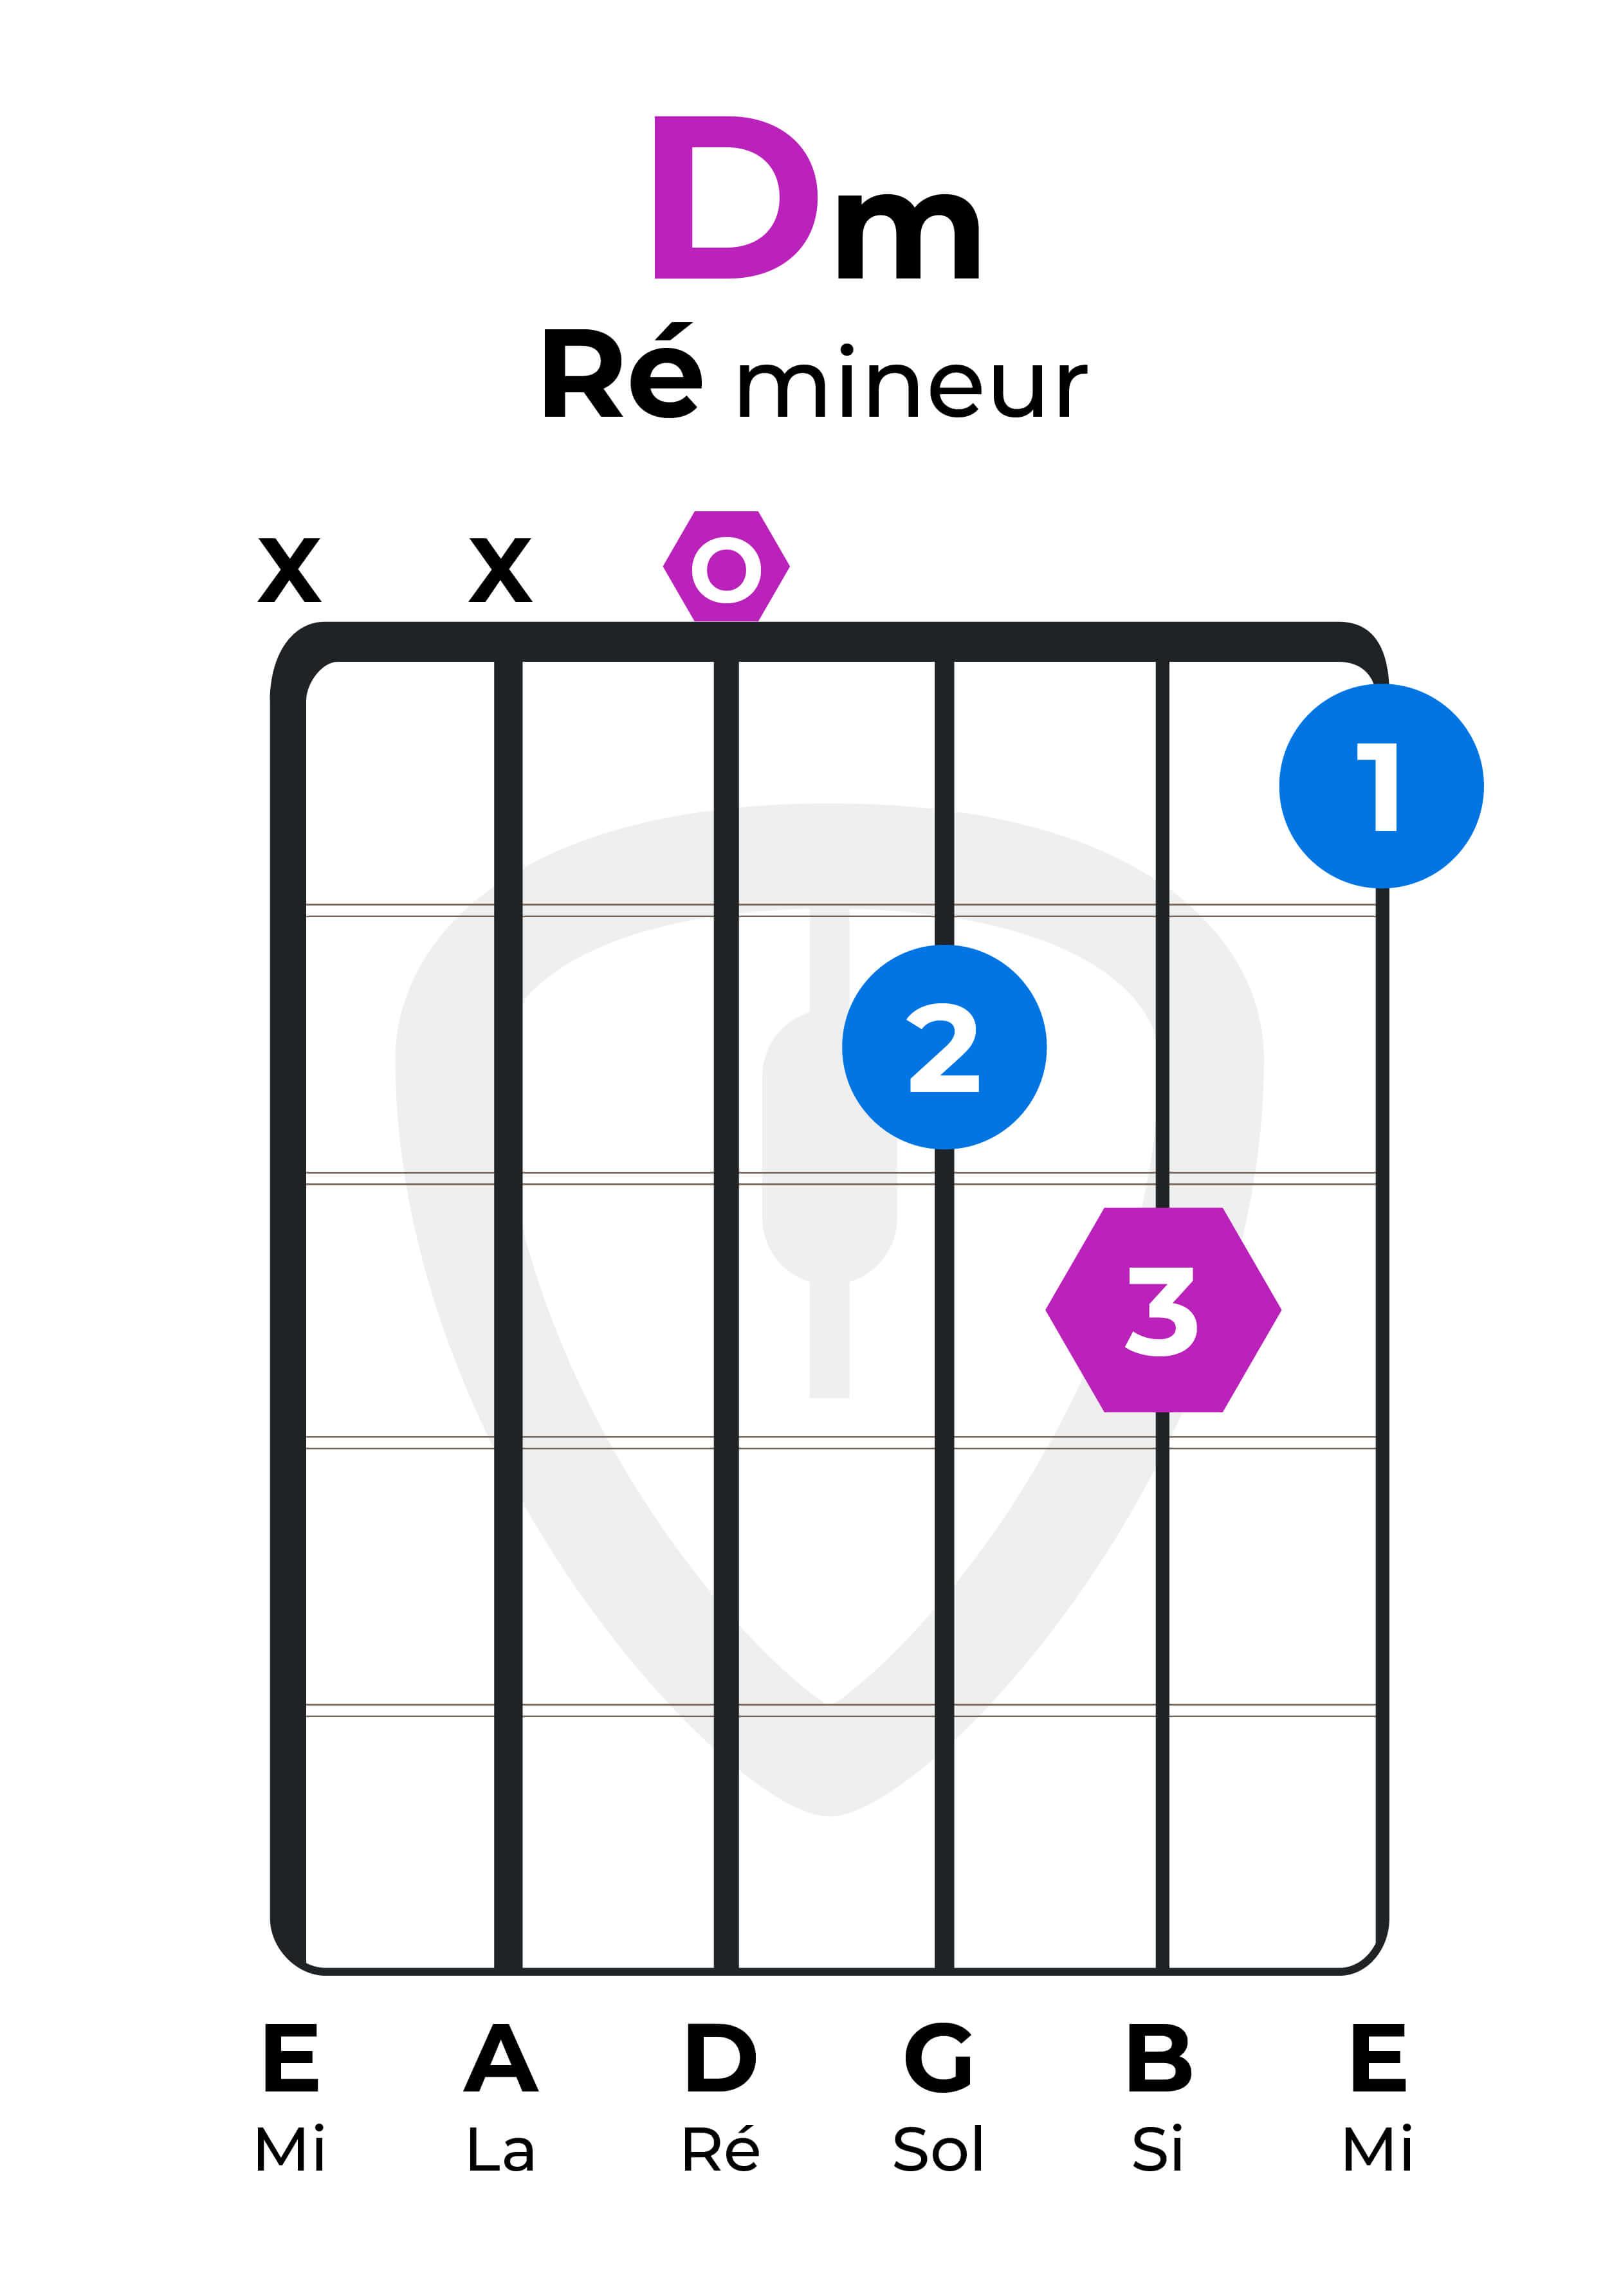 dictionnaire accords guitare Ré mineur Dm